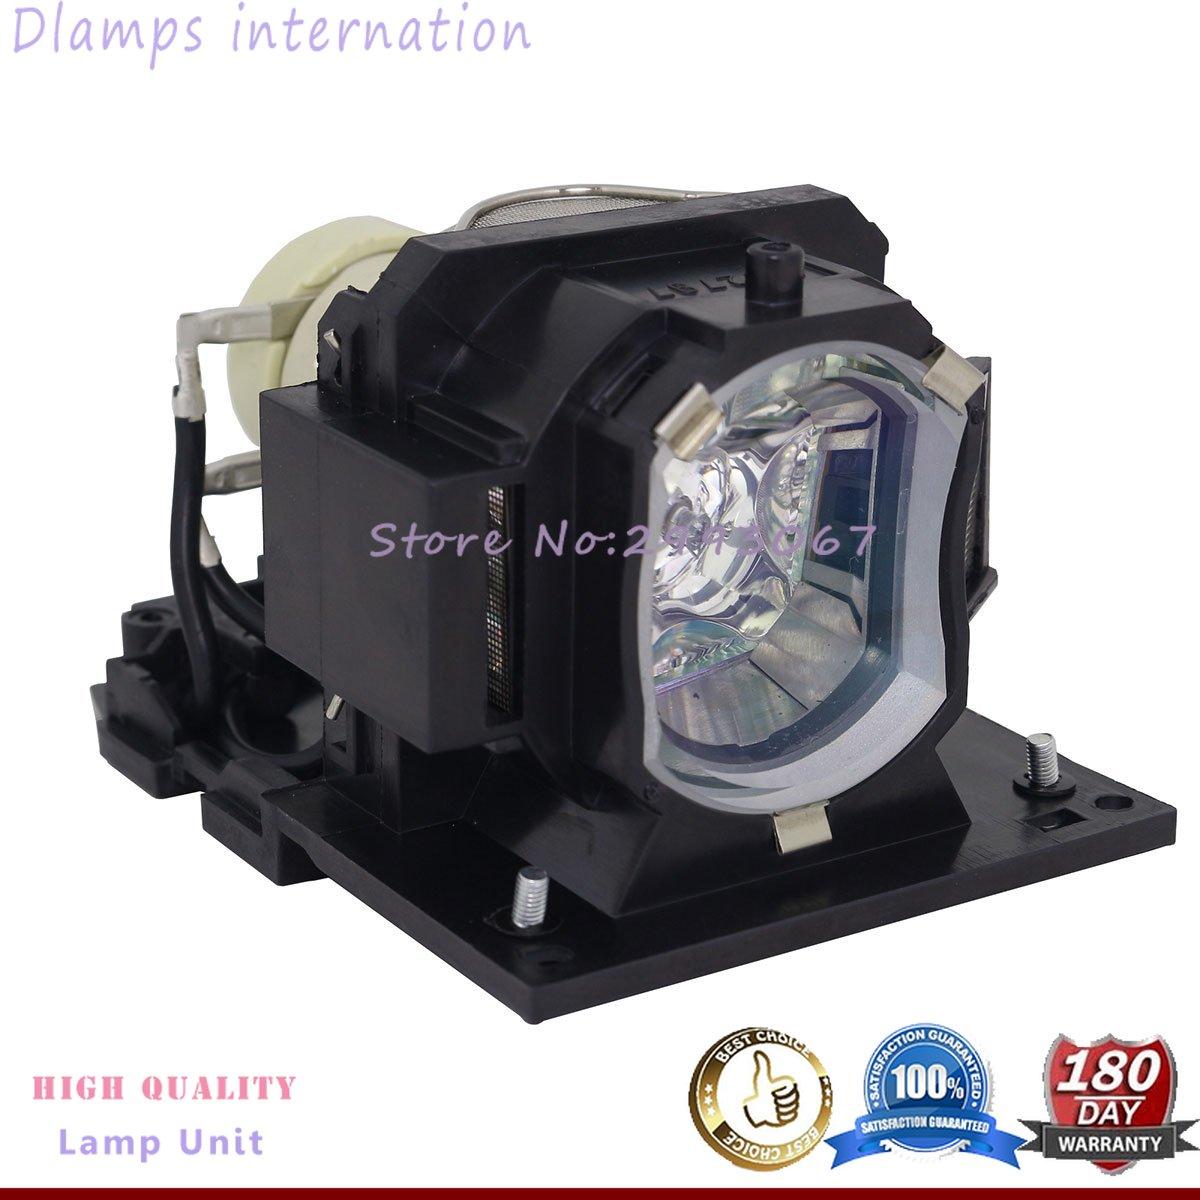 DT01431 Projector Lamp For Hitachi CP-EW301N CP-EW302 CP-EX251N EX252N EX301N EX401 WX3030 WX3030WN Dukane ImagePro 8928A 8931WA